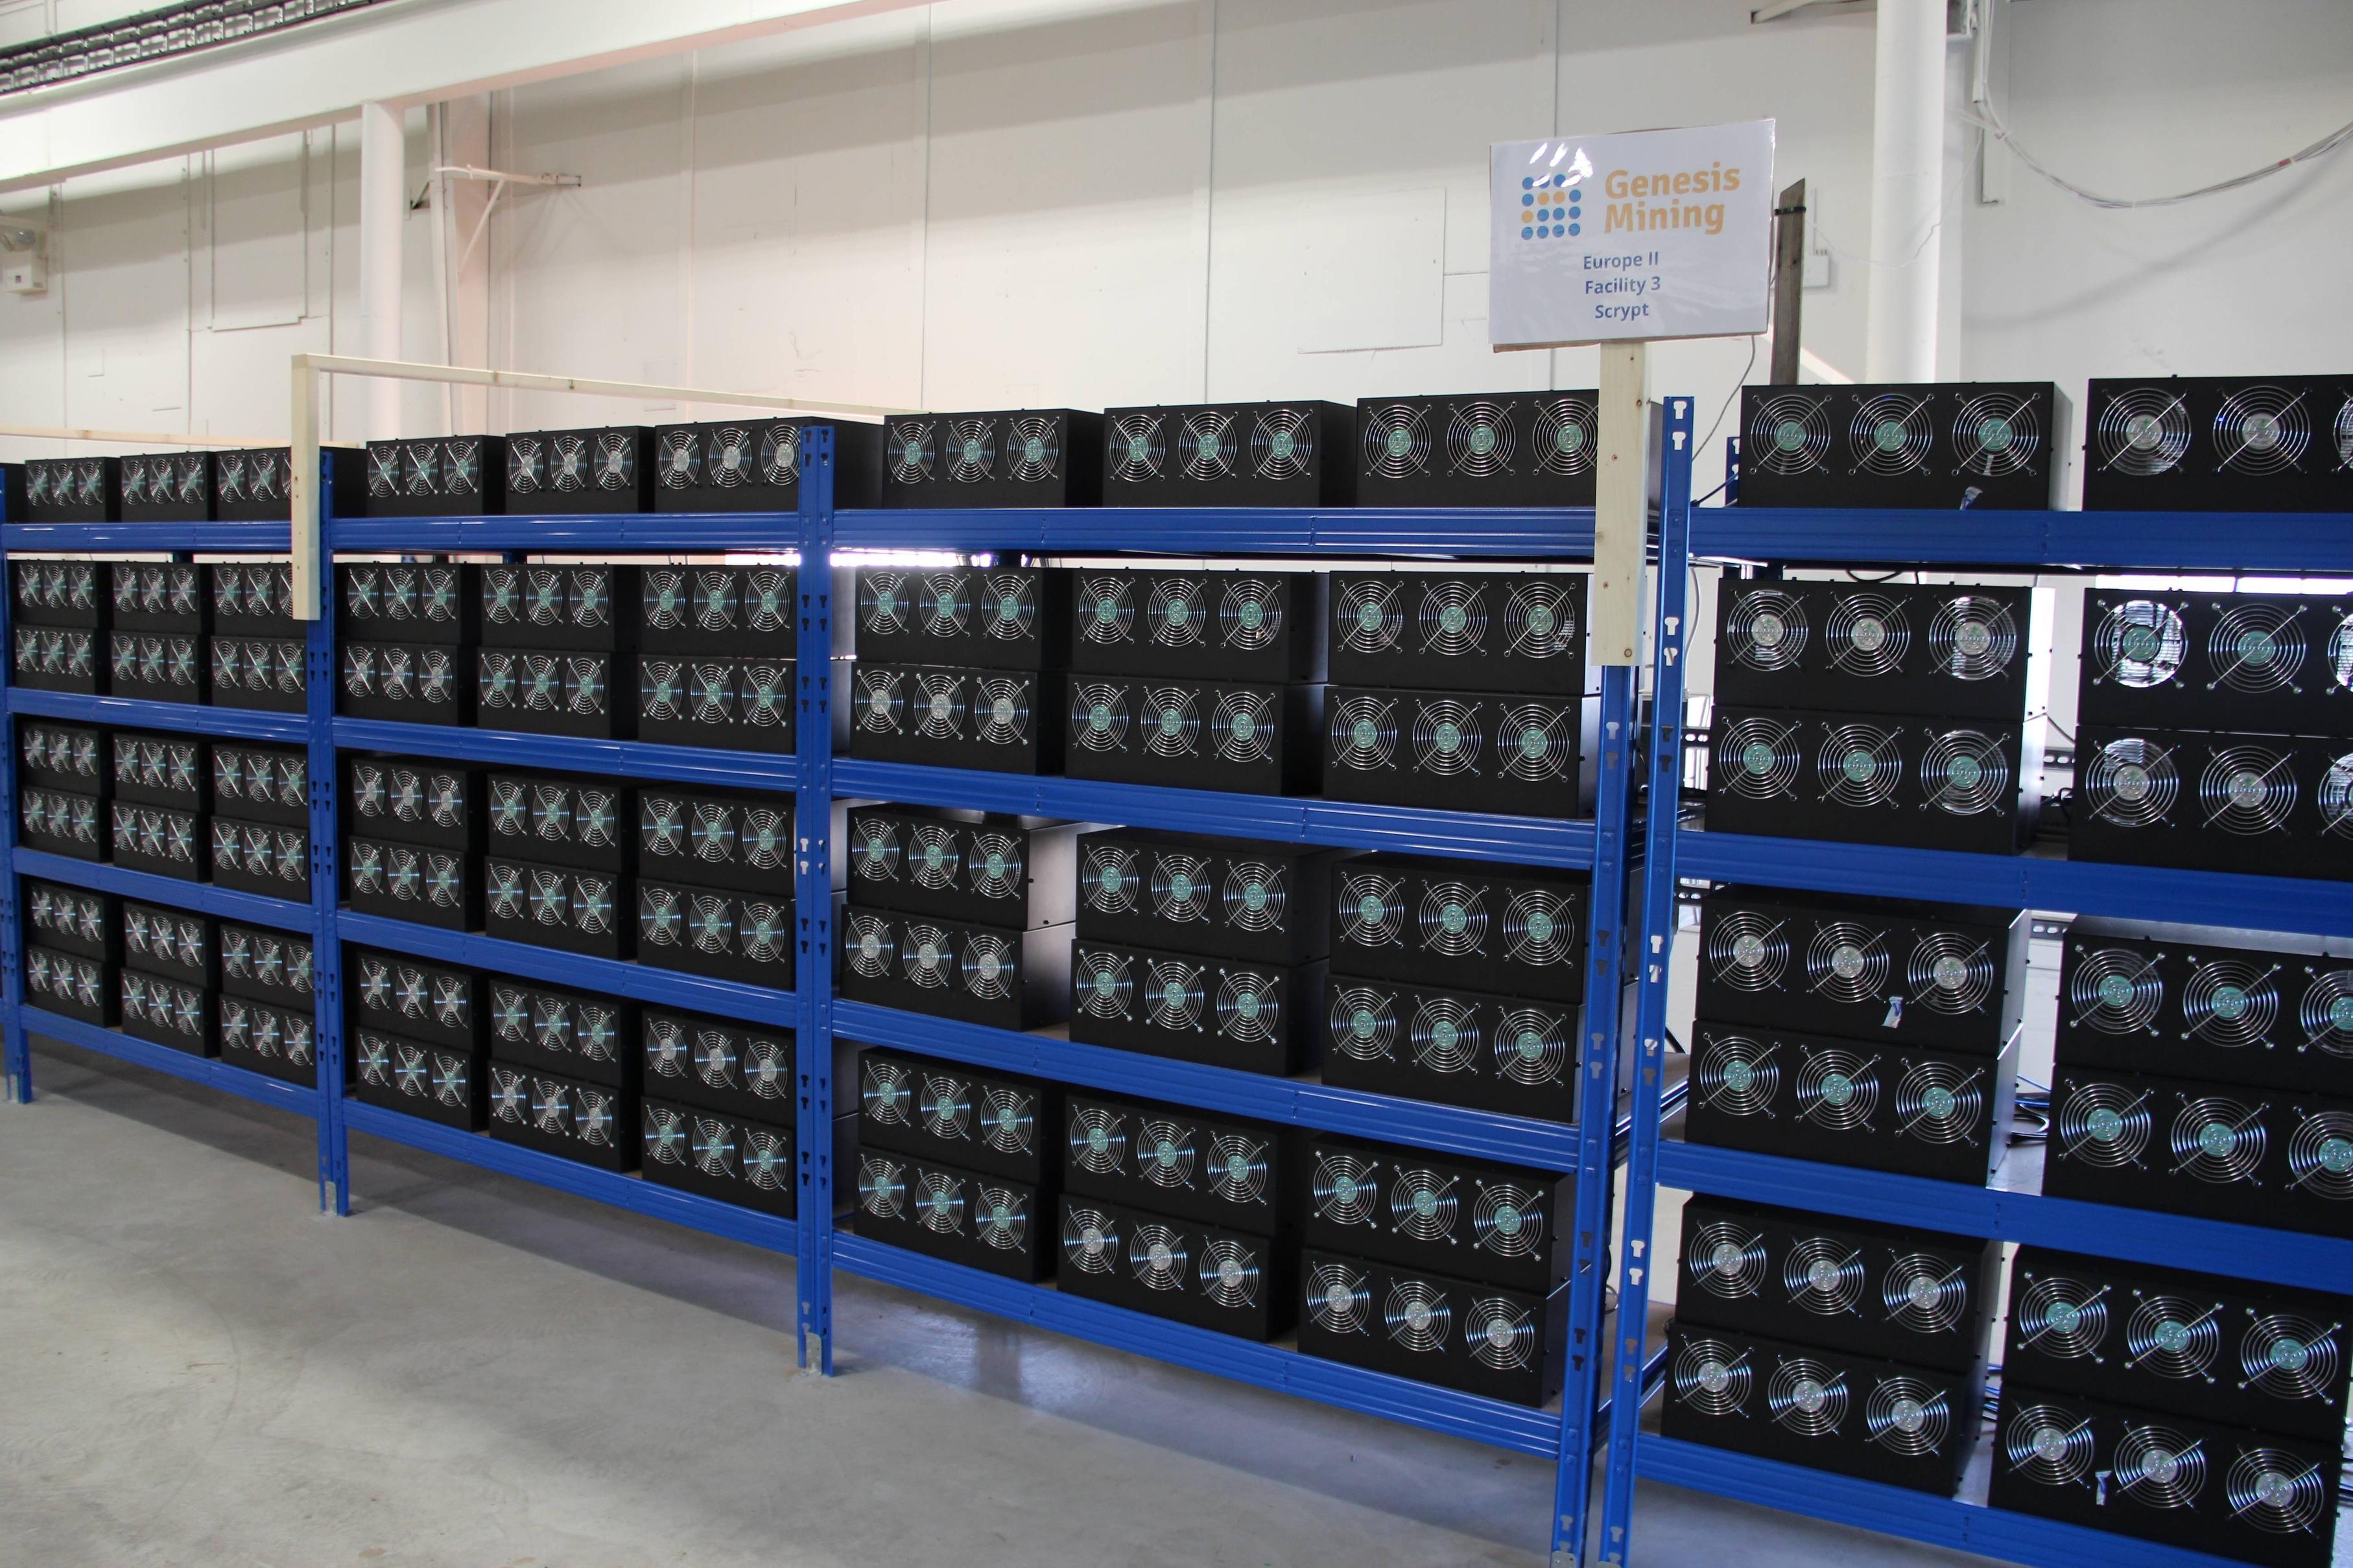 2000w网址_全汉首发2000w挖矿专用电源:可接16块显卡